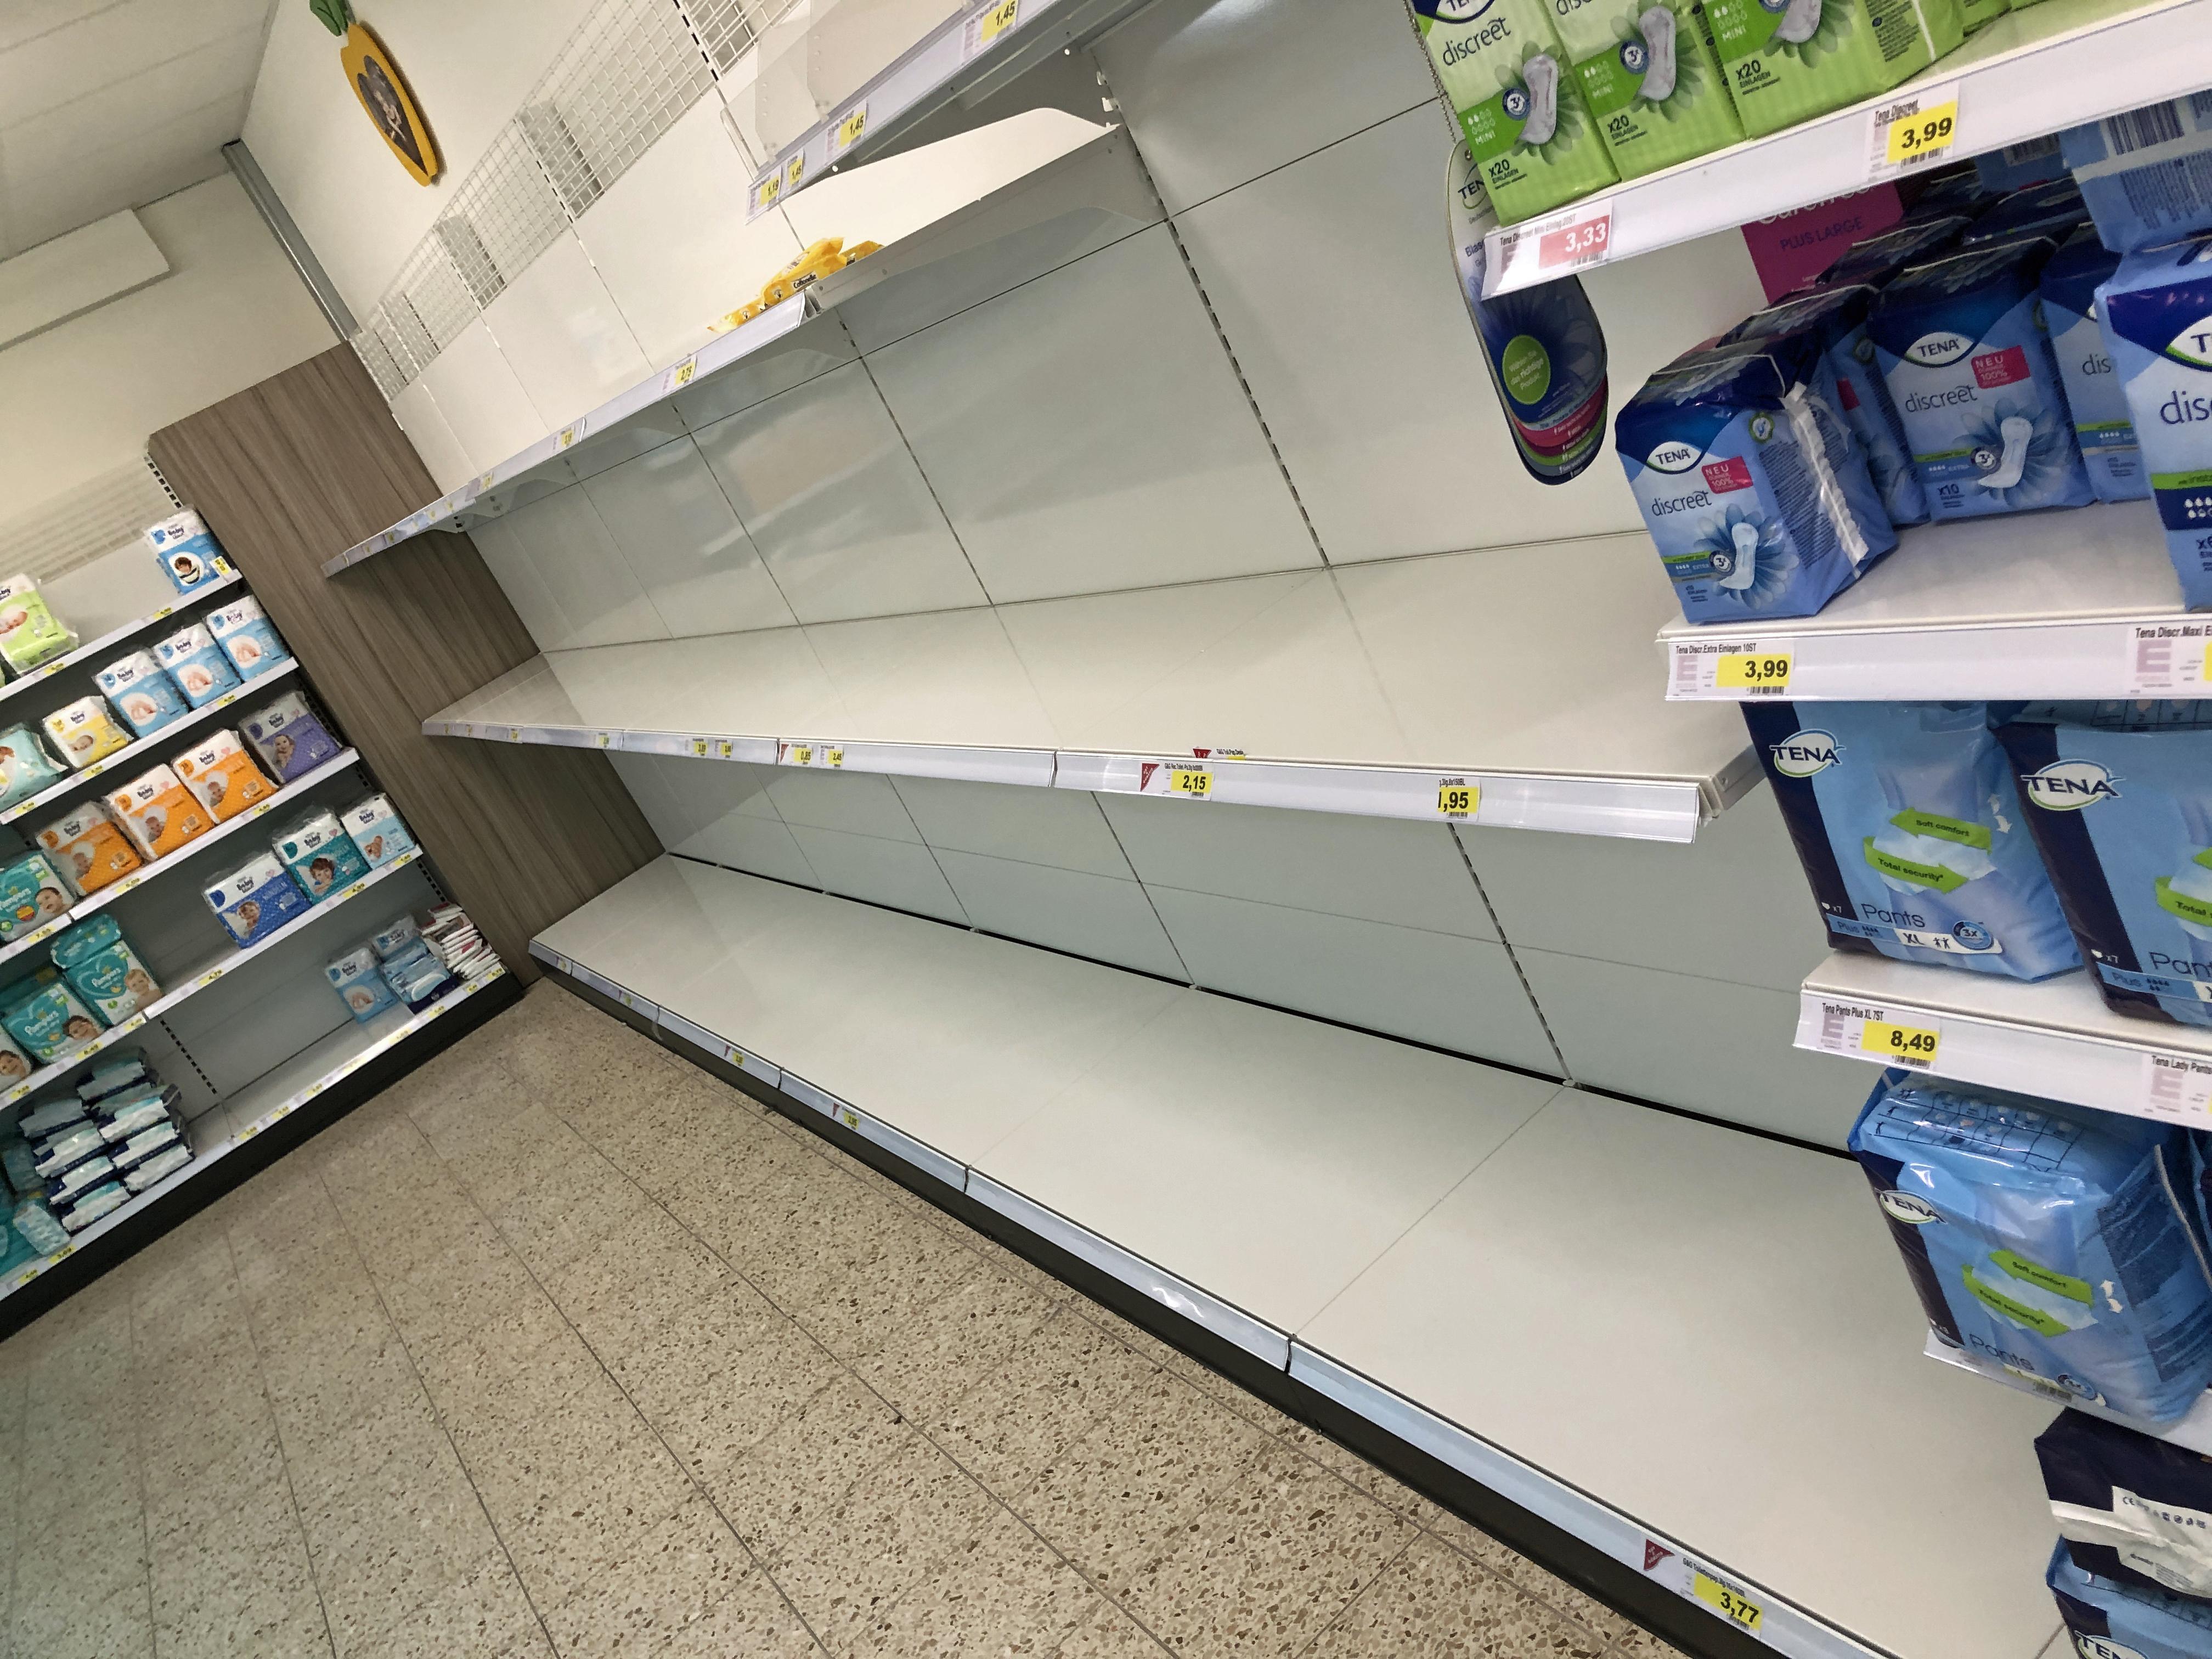 Ein leeres WC-Papier-Regal im Supermarkt